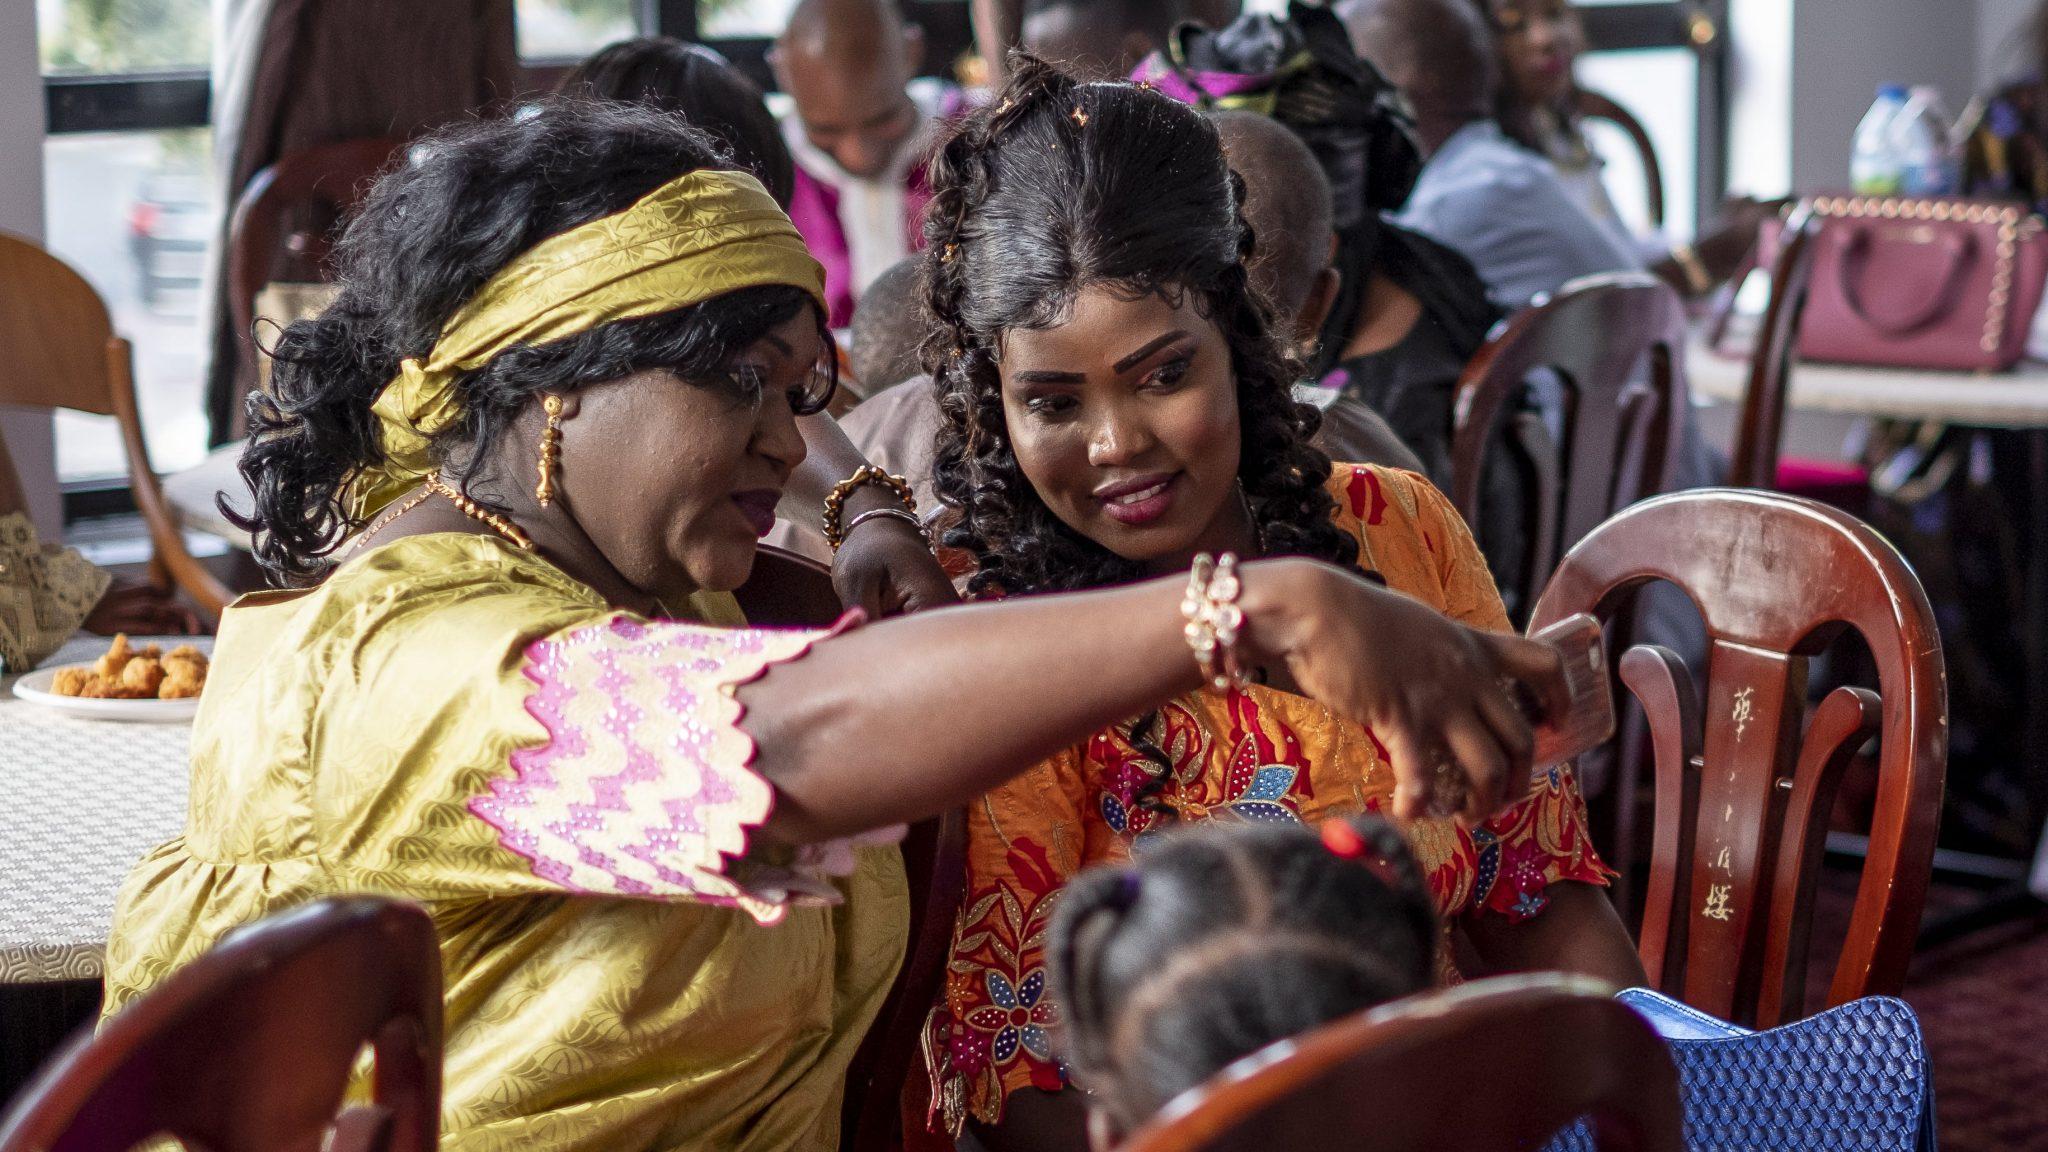 la sposa africana si fa un selfie con un'invitata mentre indossano abiti tradizionali